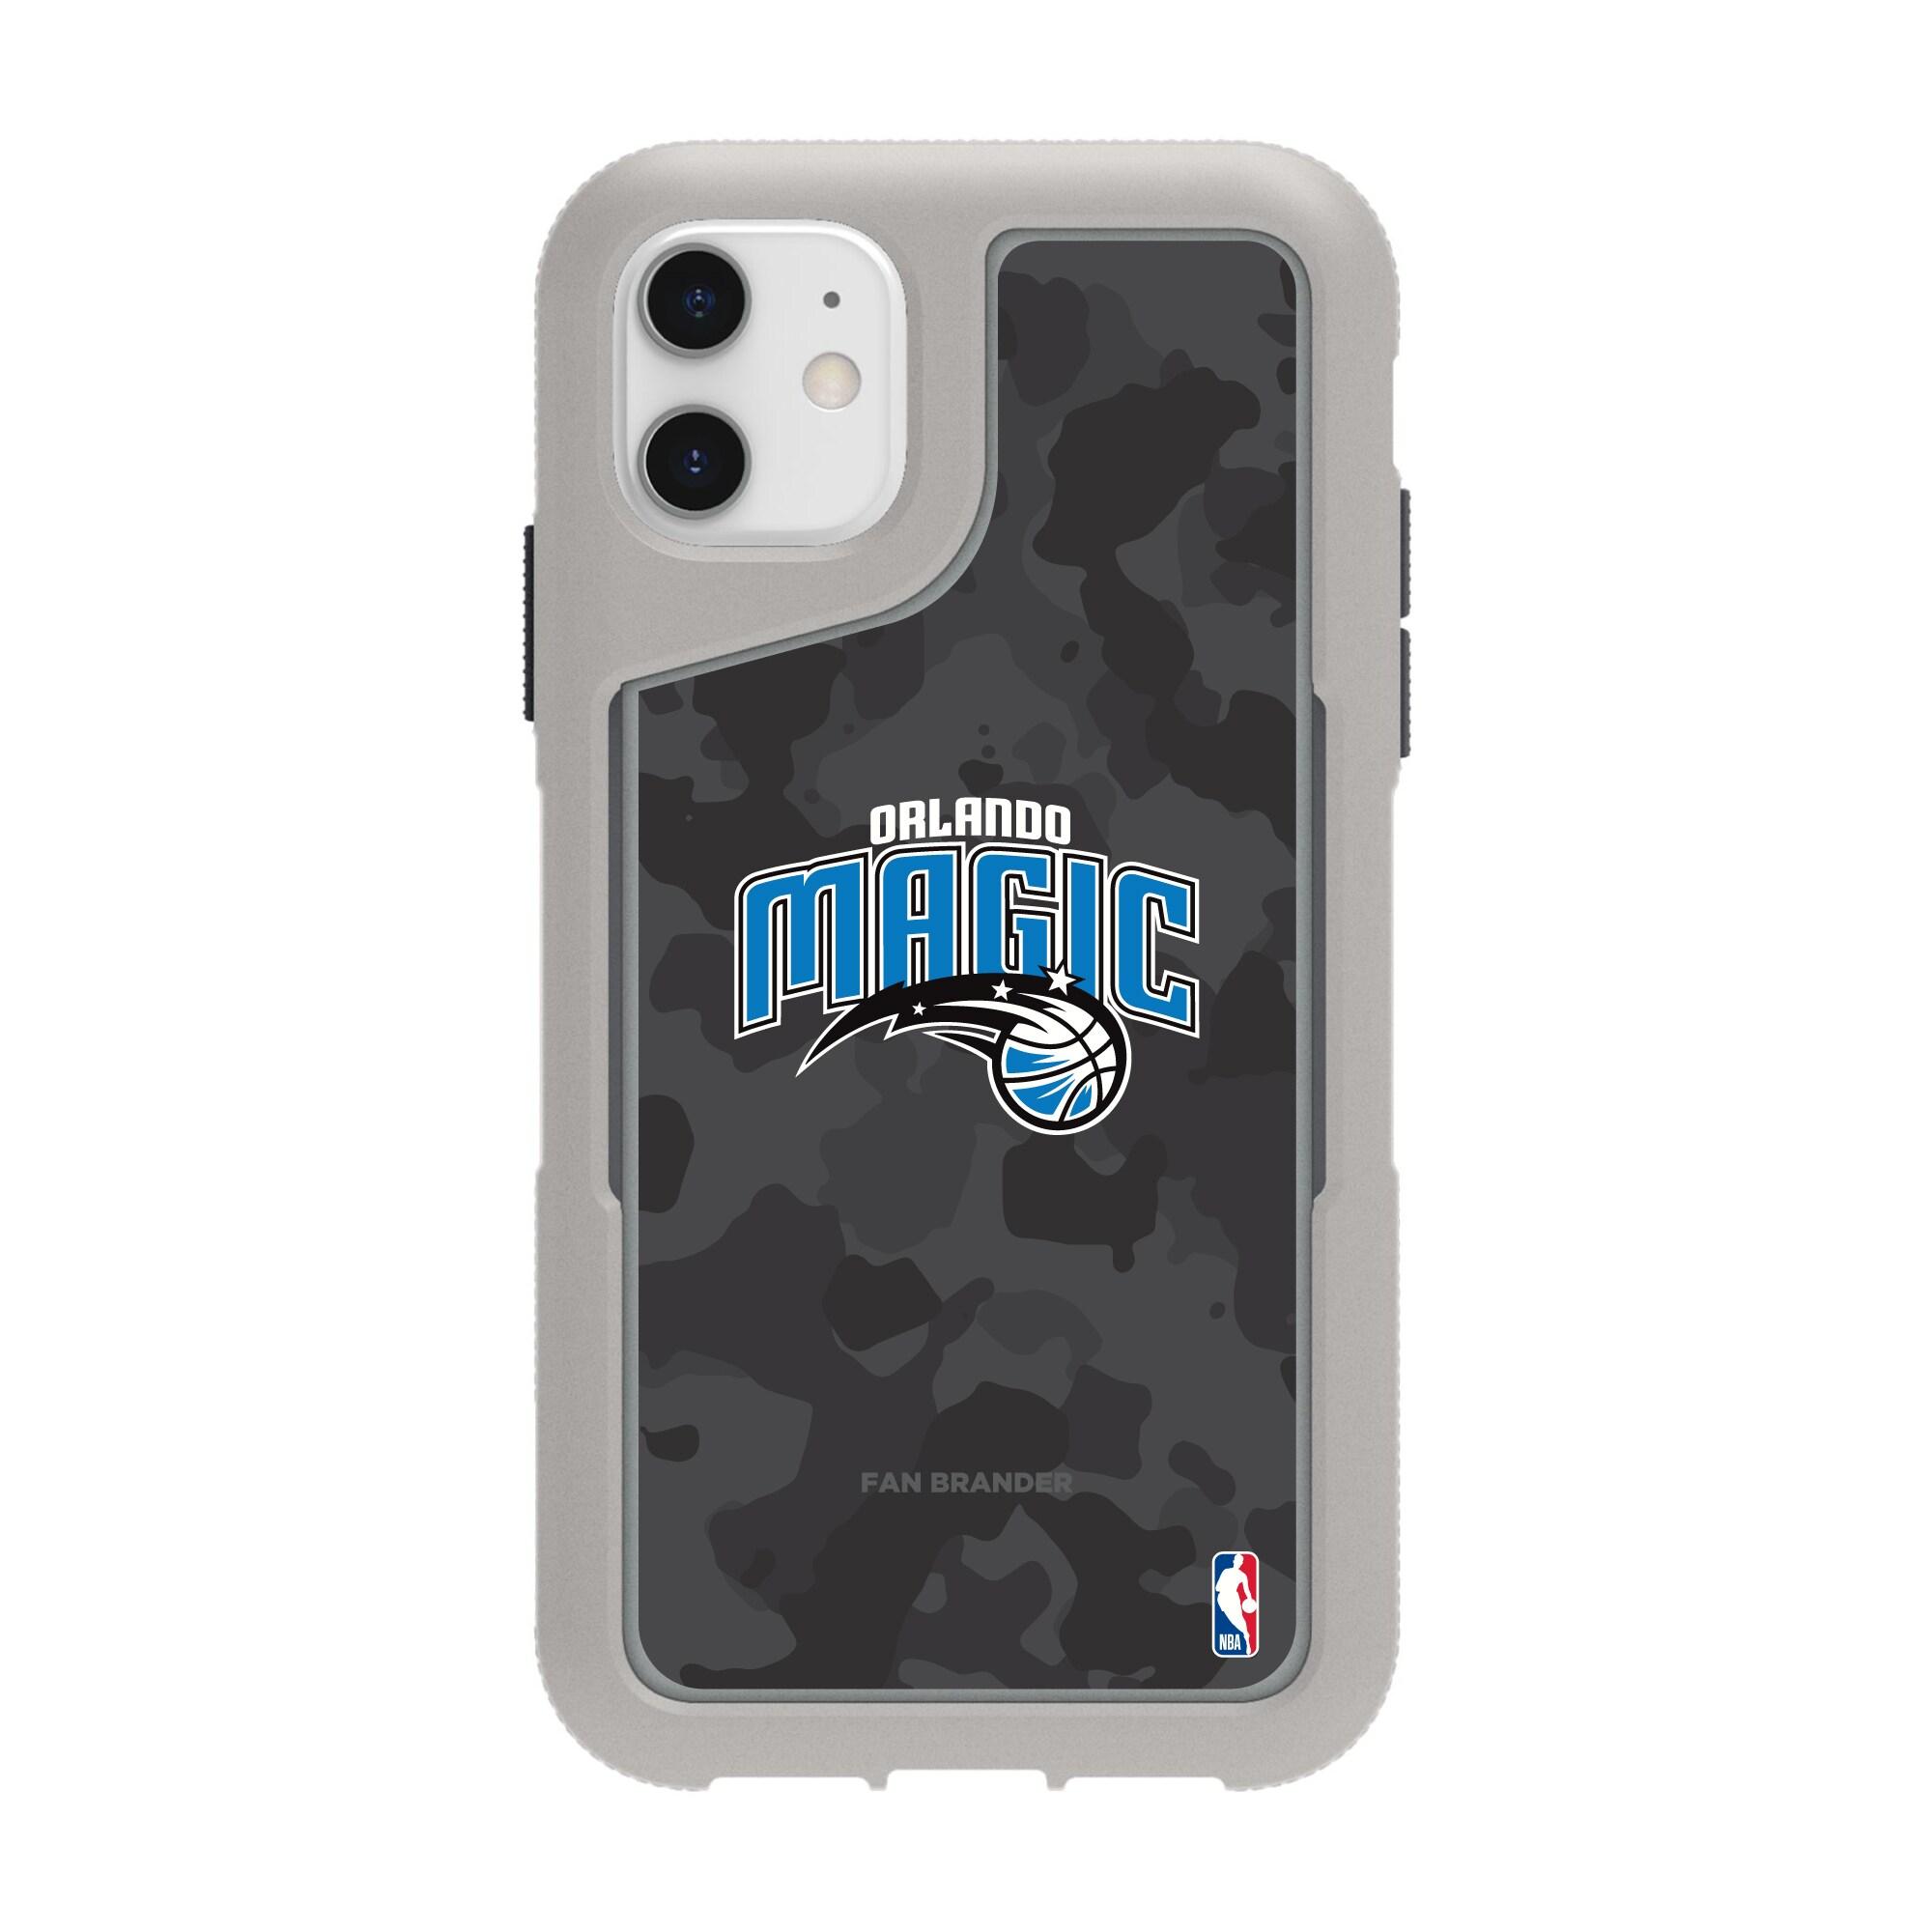 Orlando Magic Griffin Survivor Endurance Camo iPhone Case - Gray